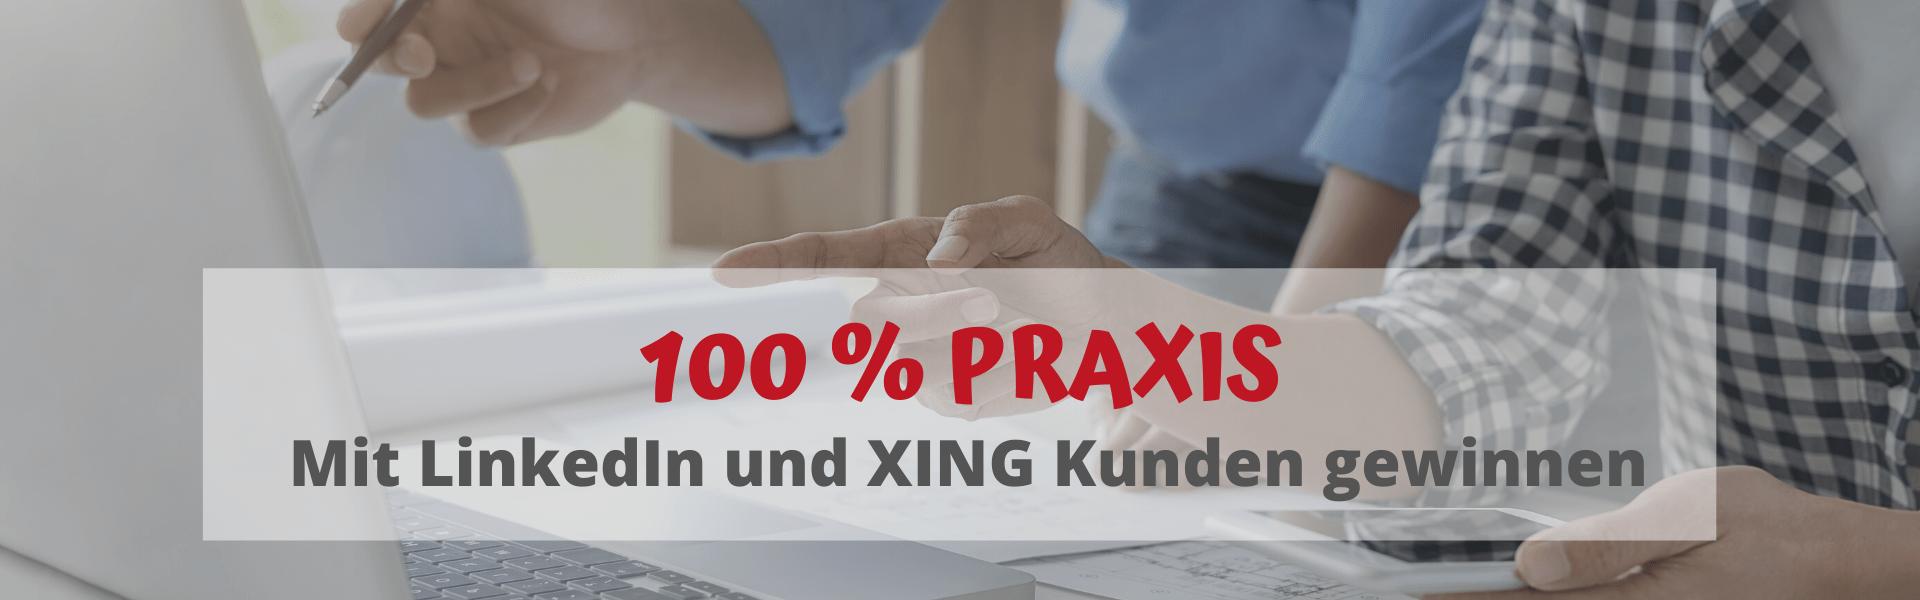 100 % PRAXIS Mit LinkedIn und XING Kunden gewinnen